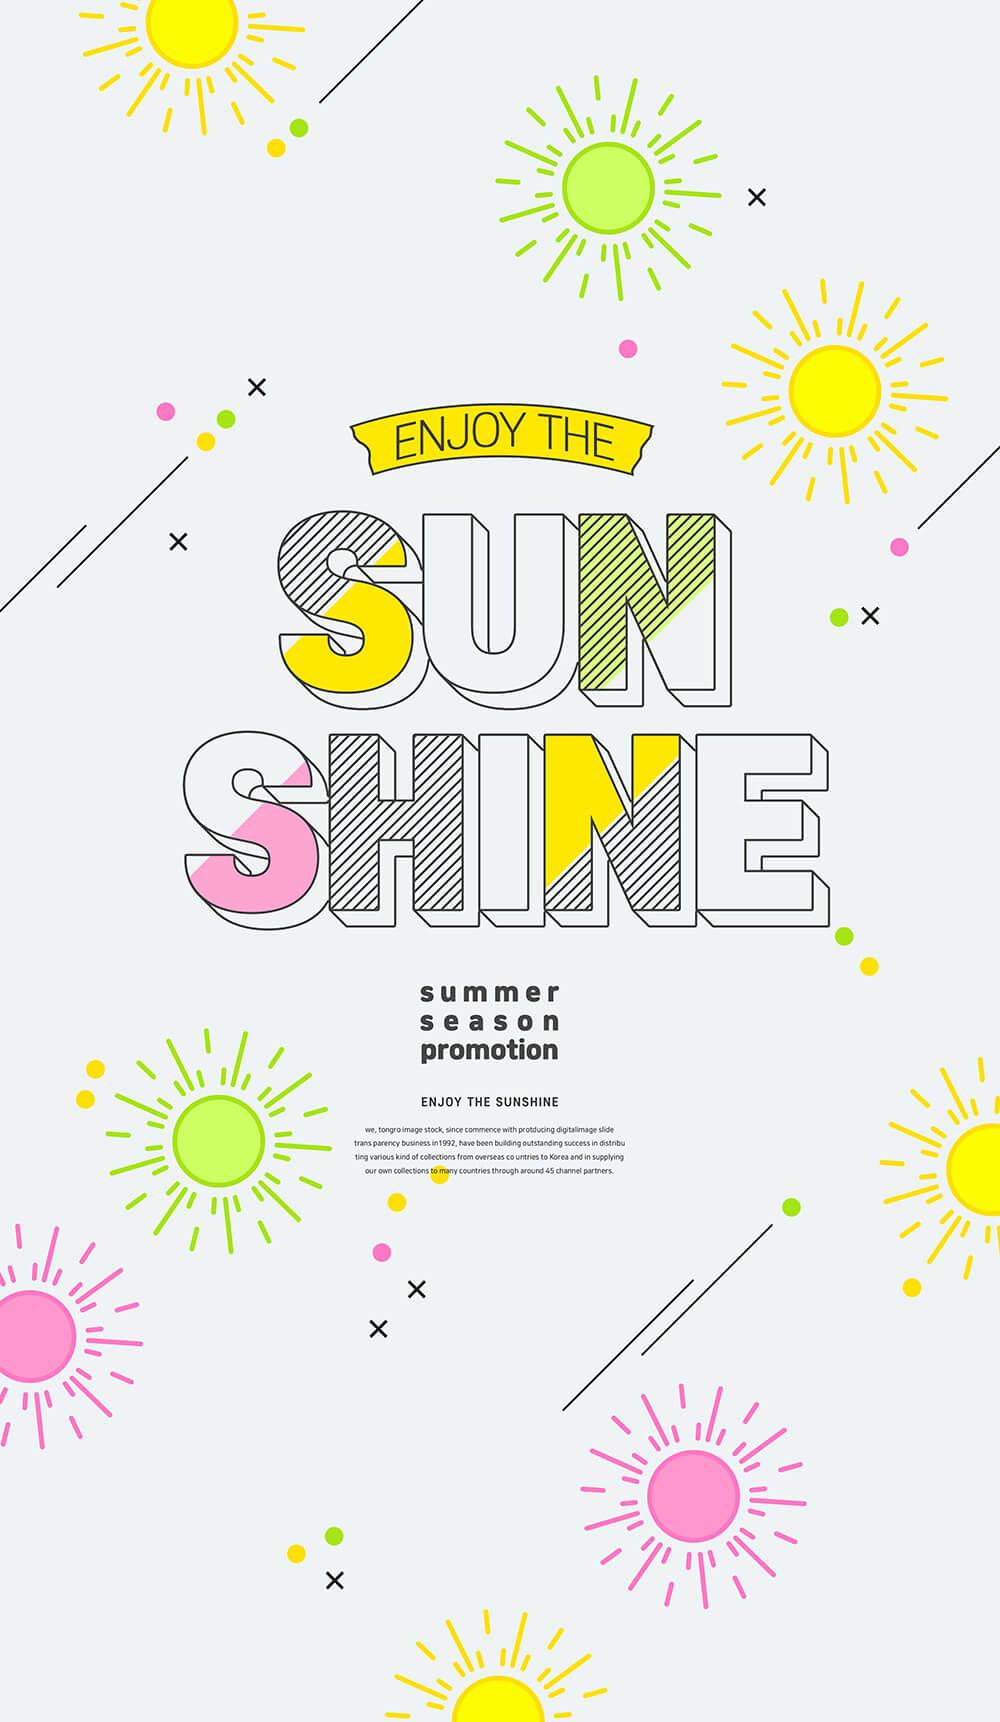 简约卡通太阳元素夏季暑假活动海报设计模板designshidai_haibao61